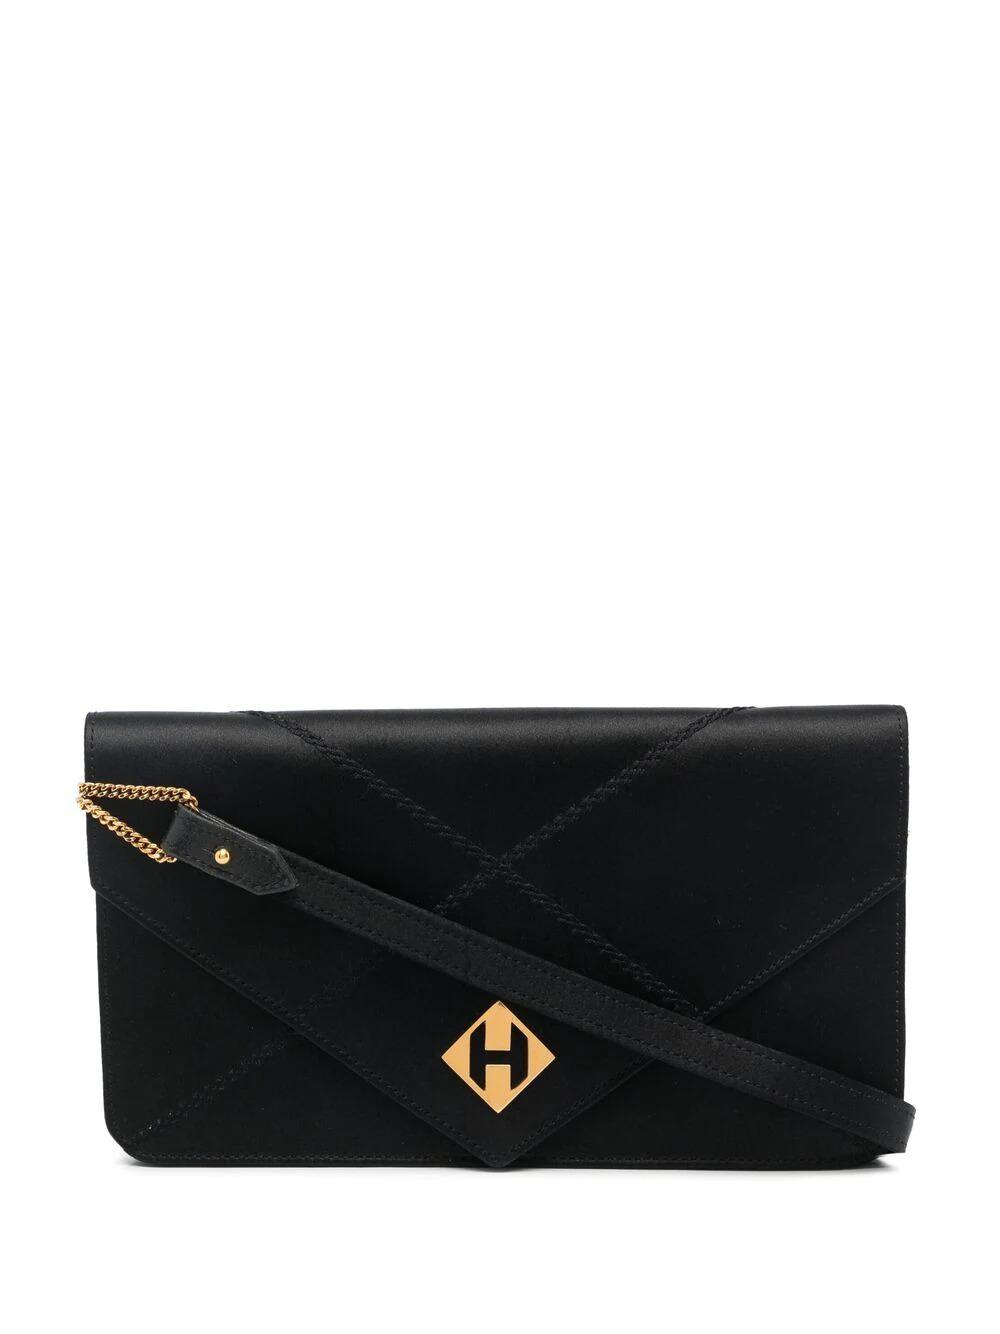 2. Hermès 2000s pre-owned quilted flap shoulder bag HK$19,937